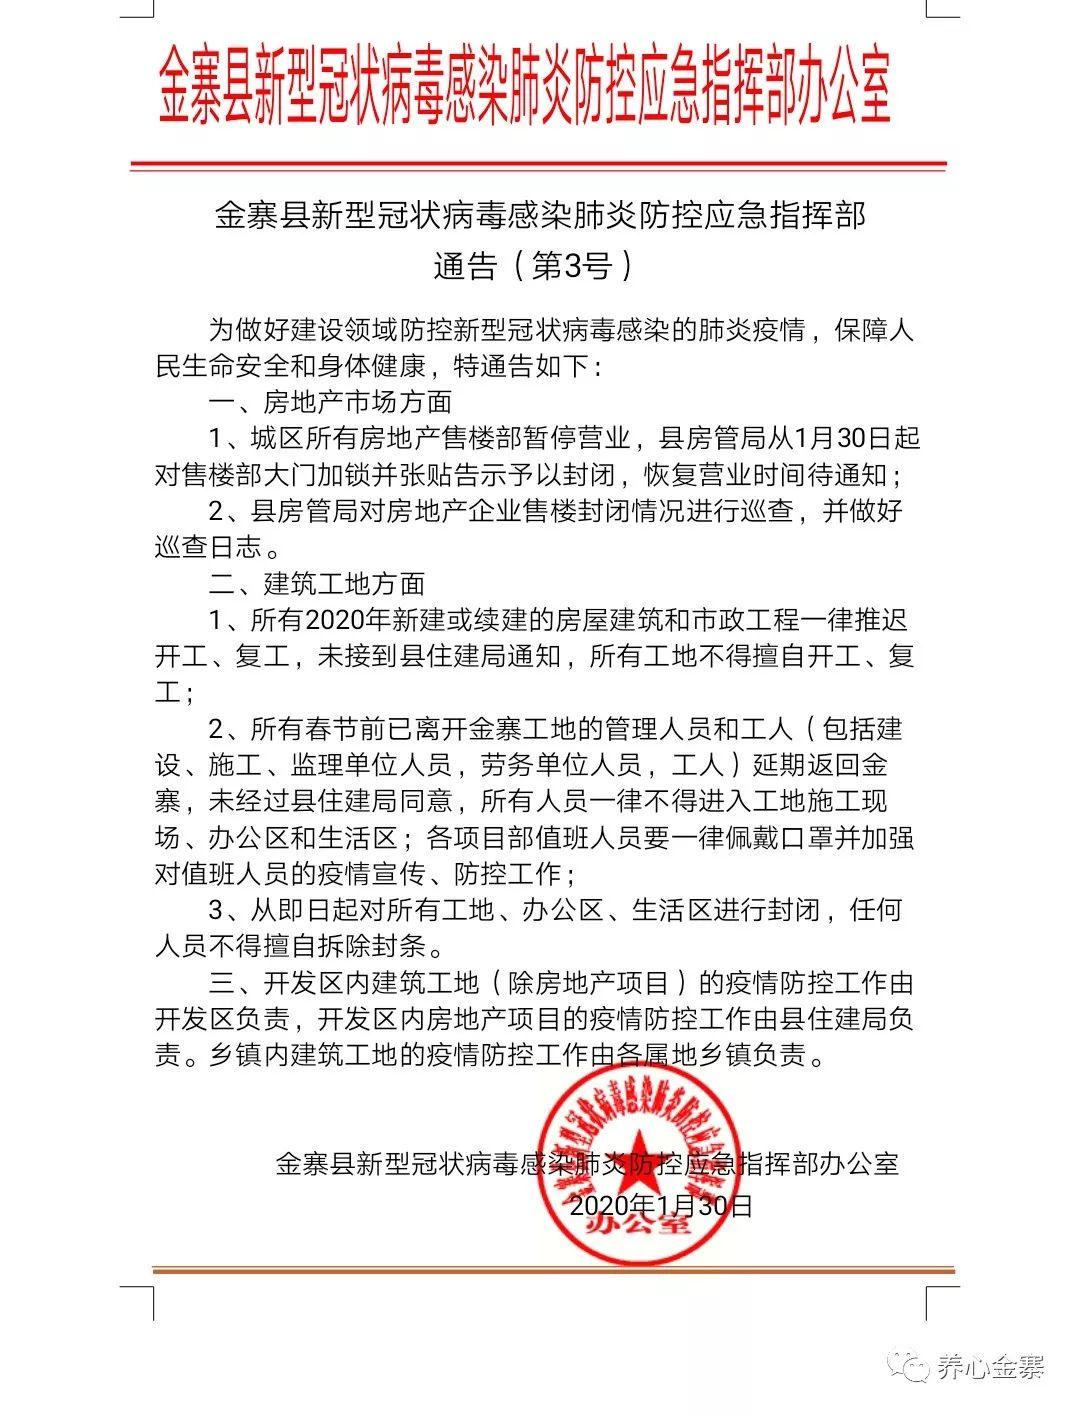 【通告】关于金寨建筑业、房地产业、丧事办理及餐饮服务业的通告